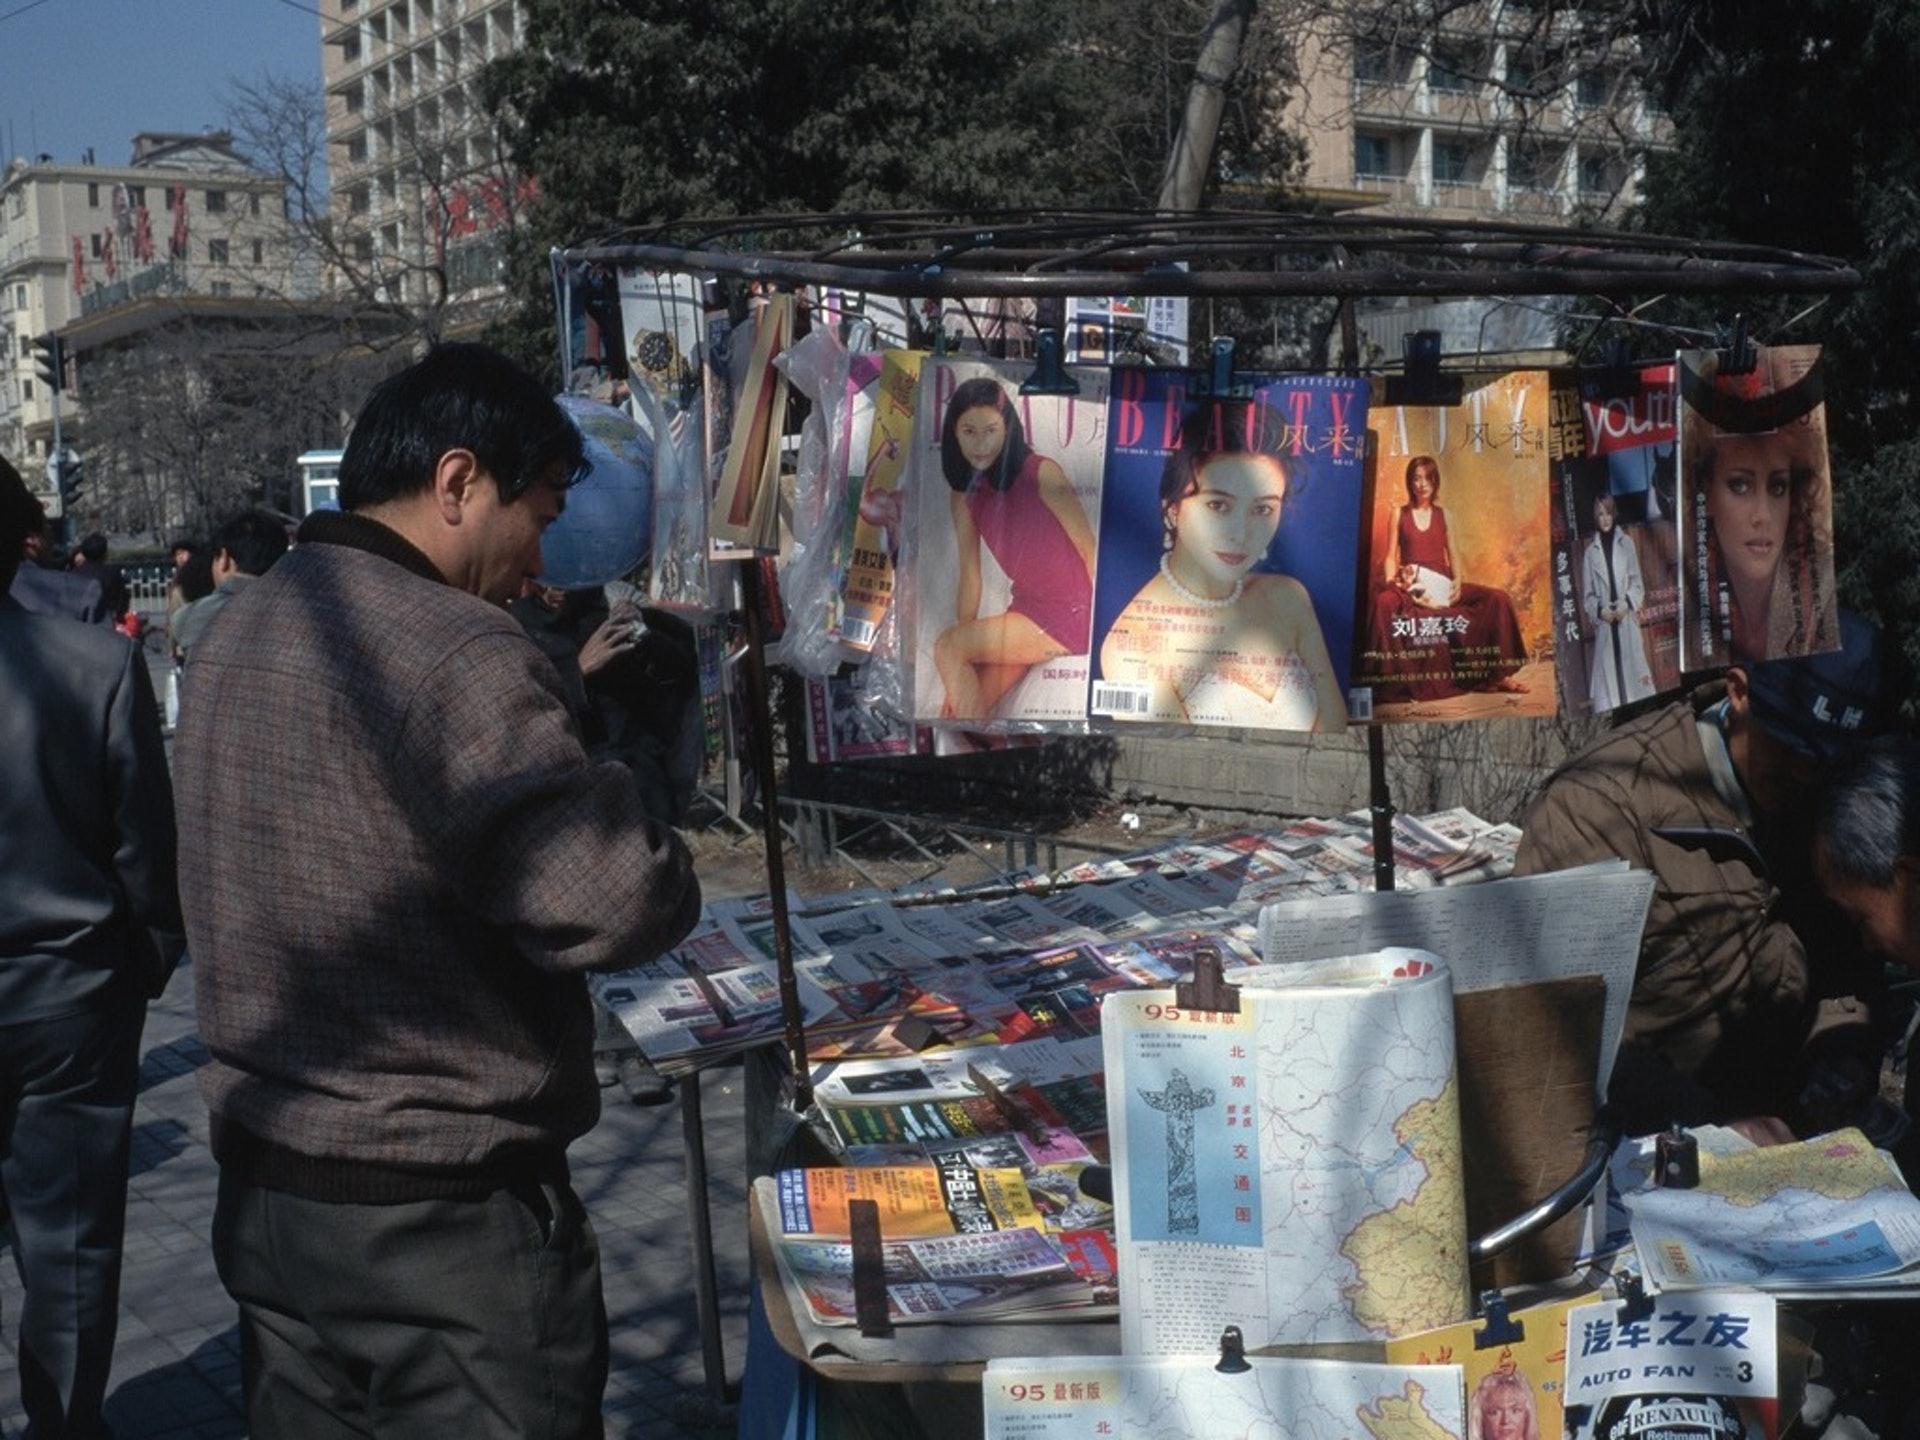 在20世紀90年代中期,中國仍是一個輸出輕工業品的發展中國家,圖為1995年的北京,很多居民獲取信息的唯一渠道甚至除了電視就只有報攤。(Getty)